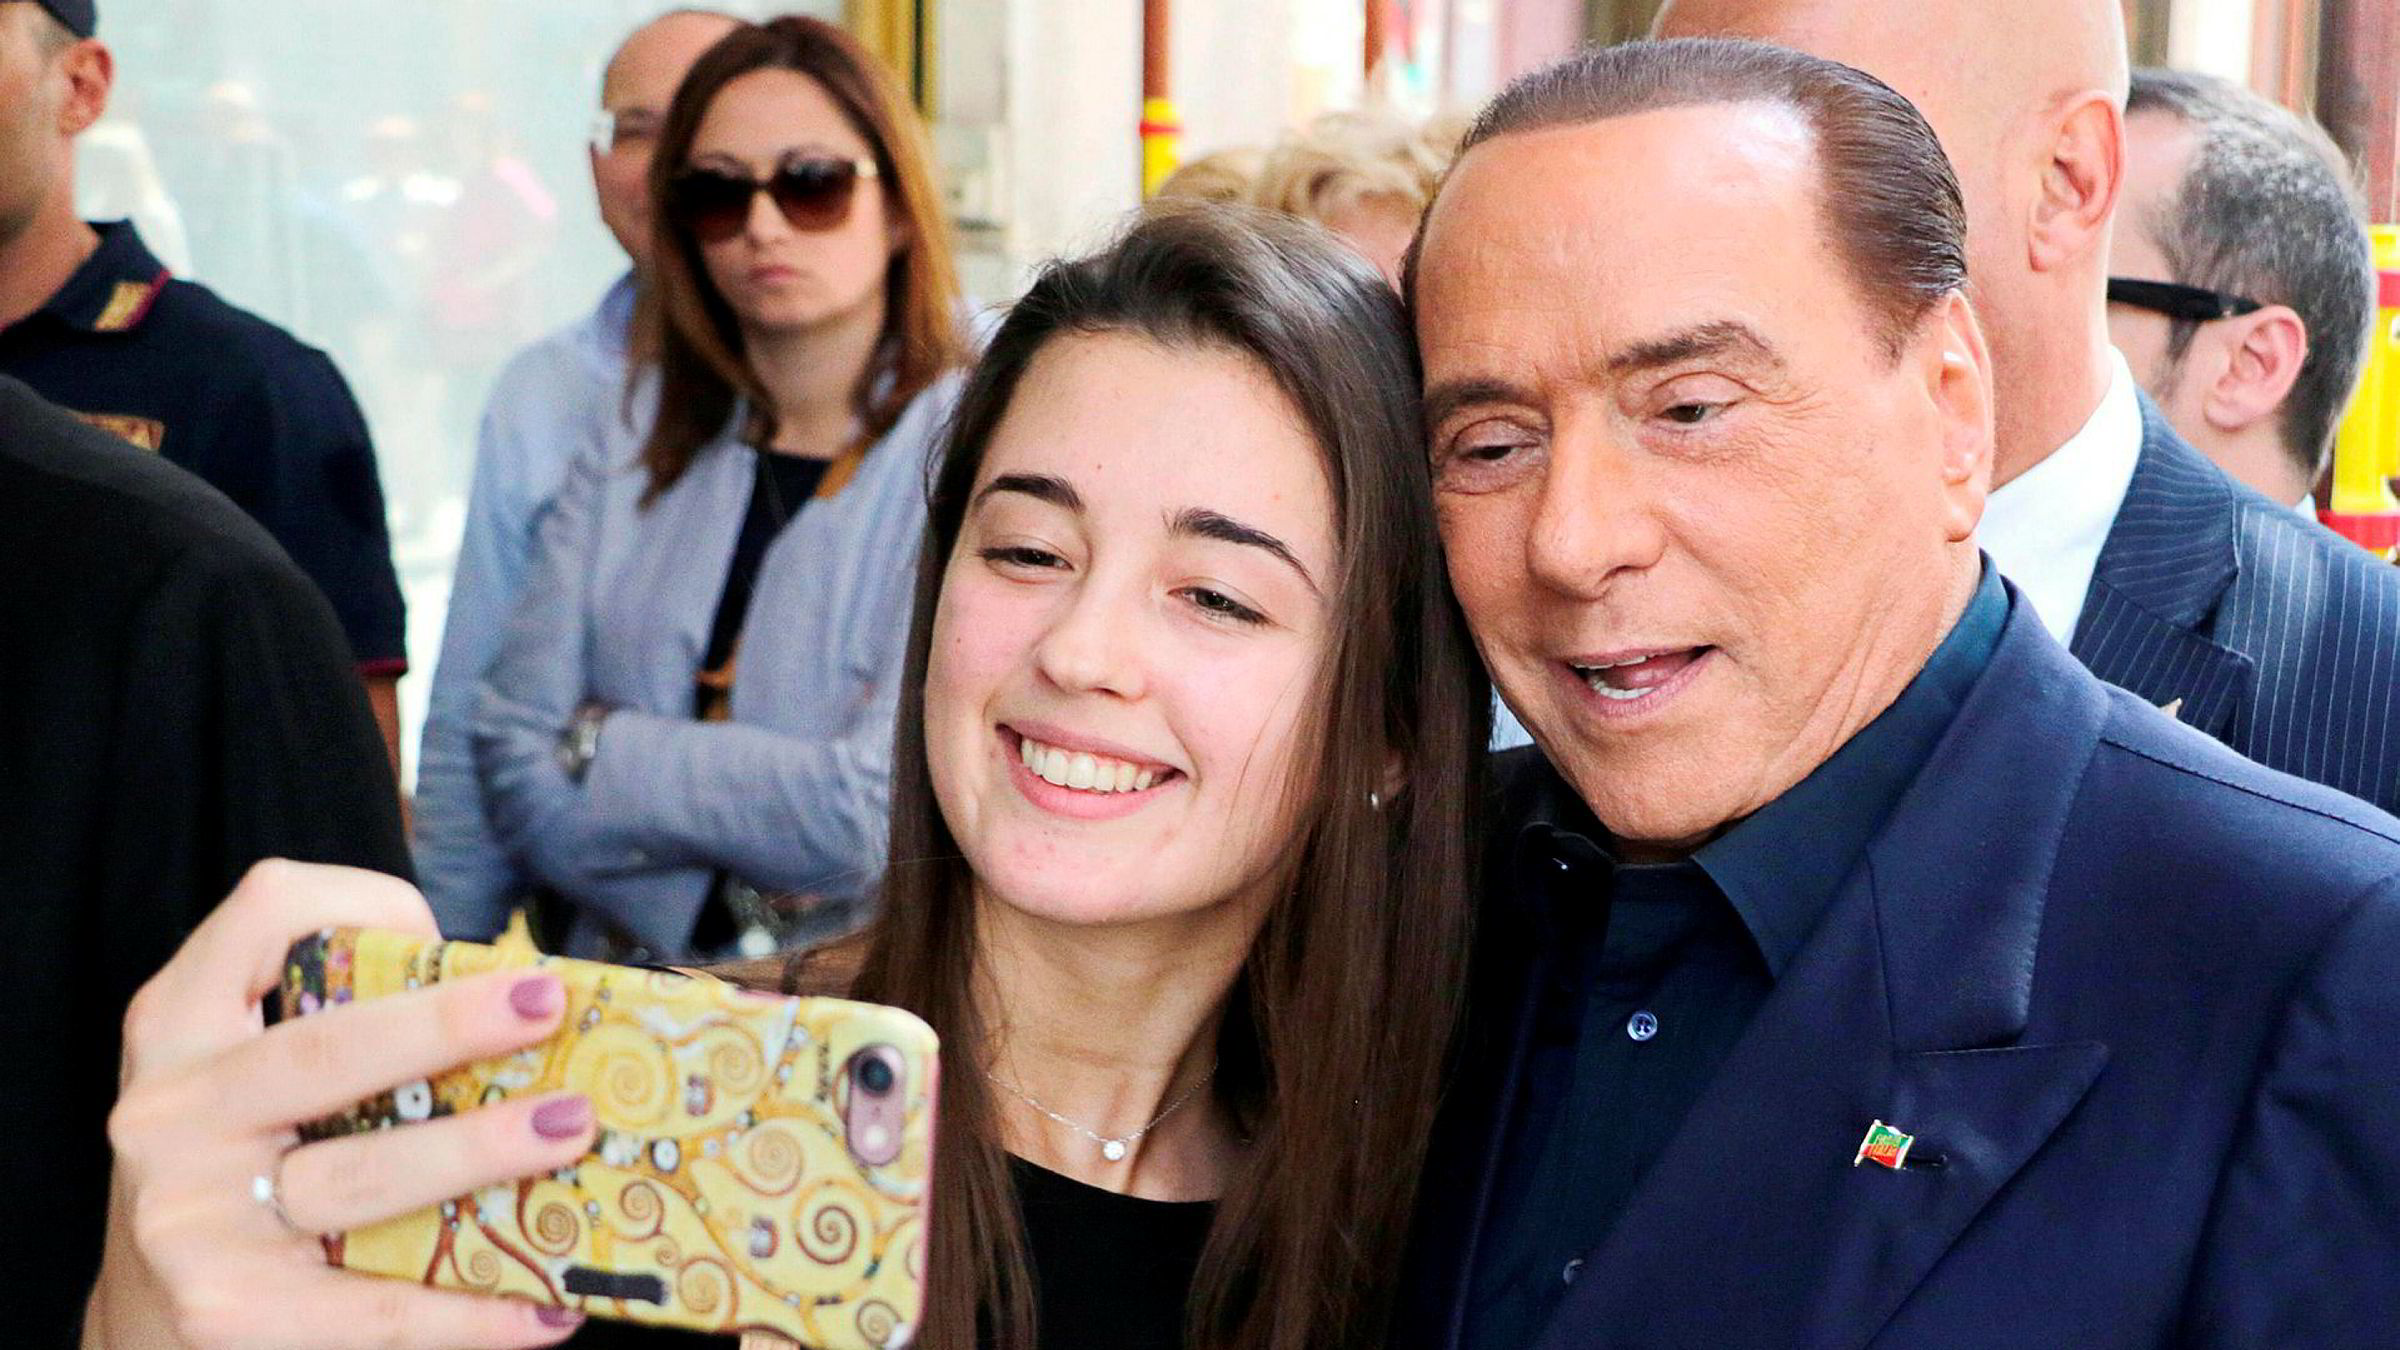 Mange italienere vil fortsatt ta en selfie sammen med Silvio Berlusconi, som langt fra er ferdig i italiensk politikk. Et nyvalg kan åpne for at han kommer tilbake som statsminister, for fjerde gang.